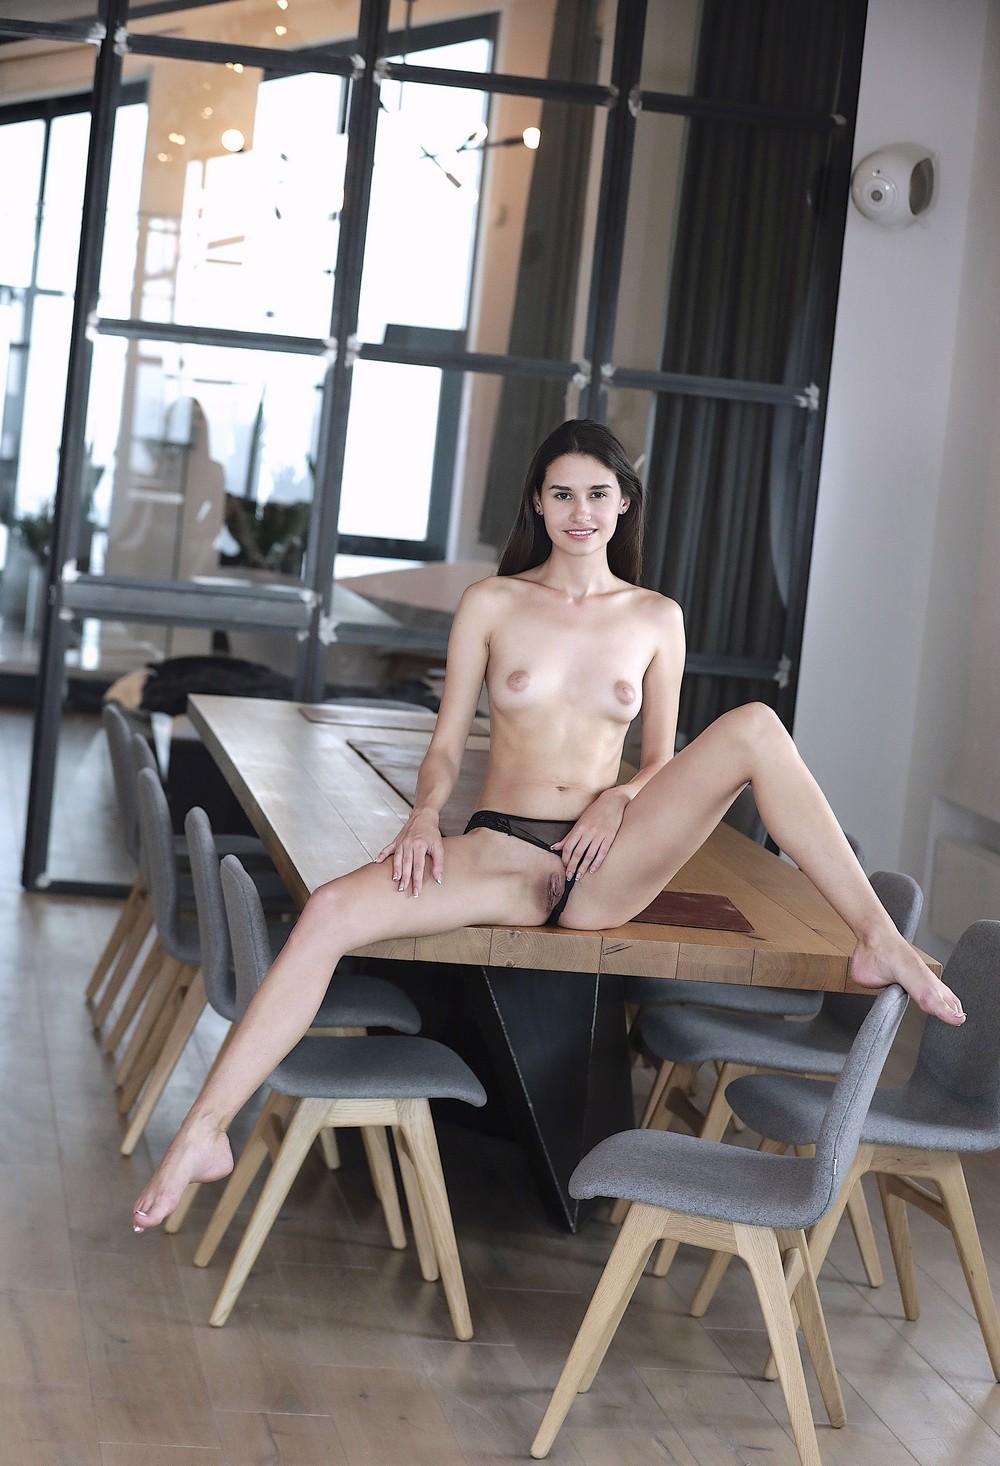 Christiana Gene pussy pics